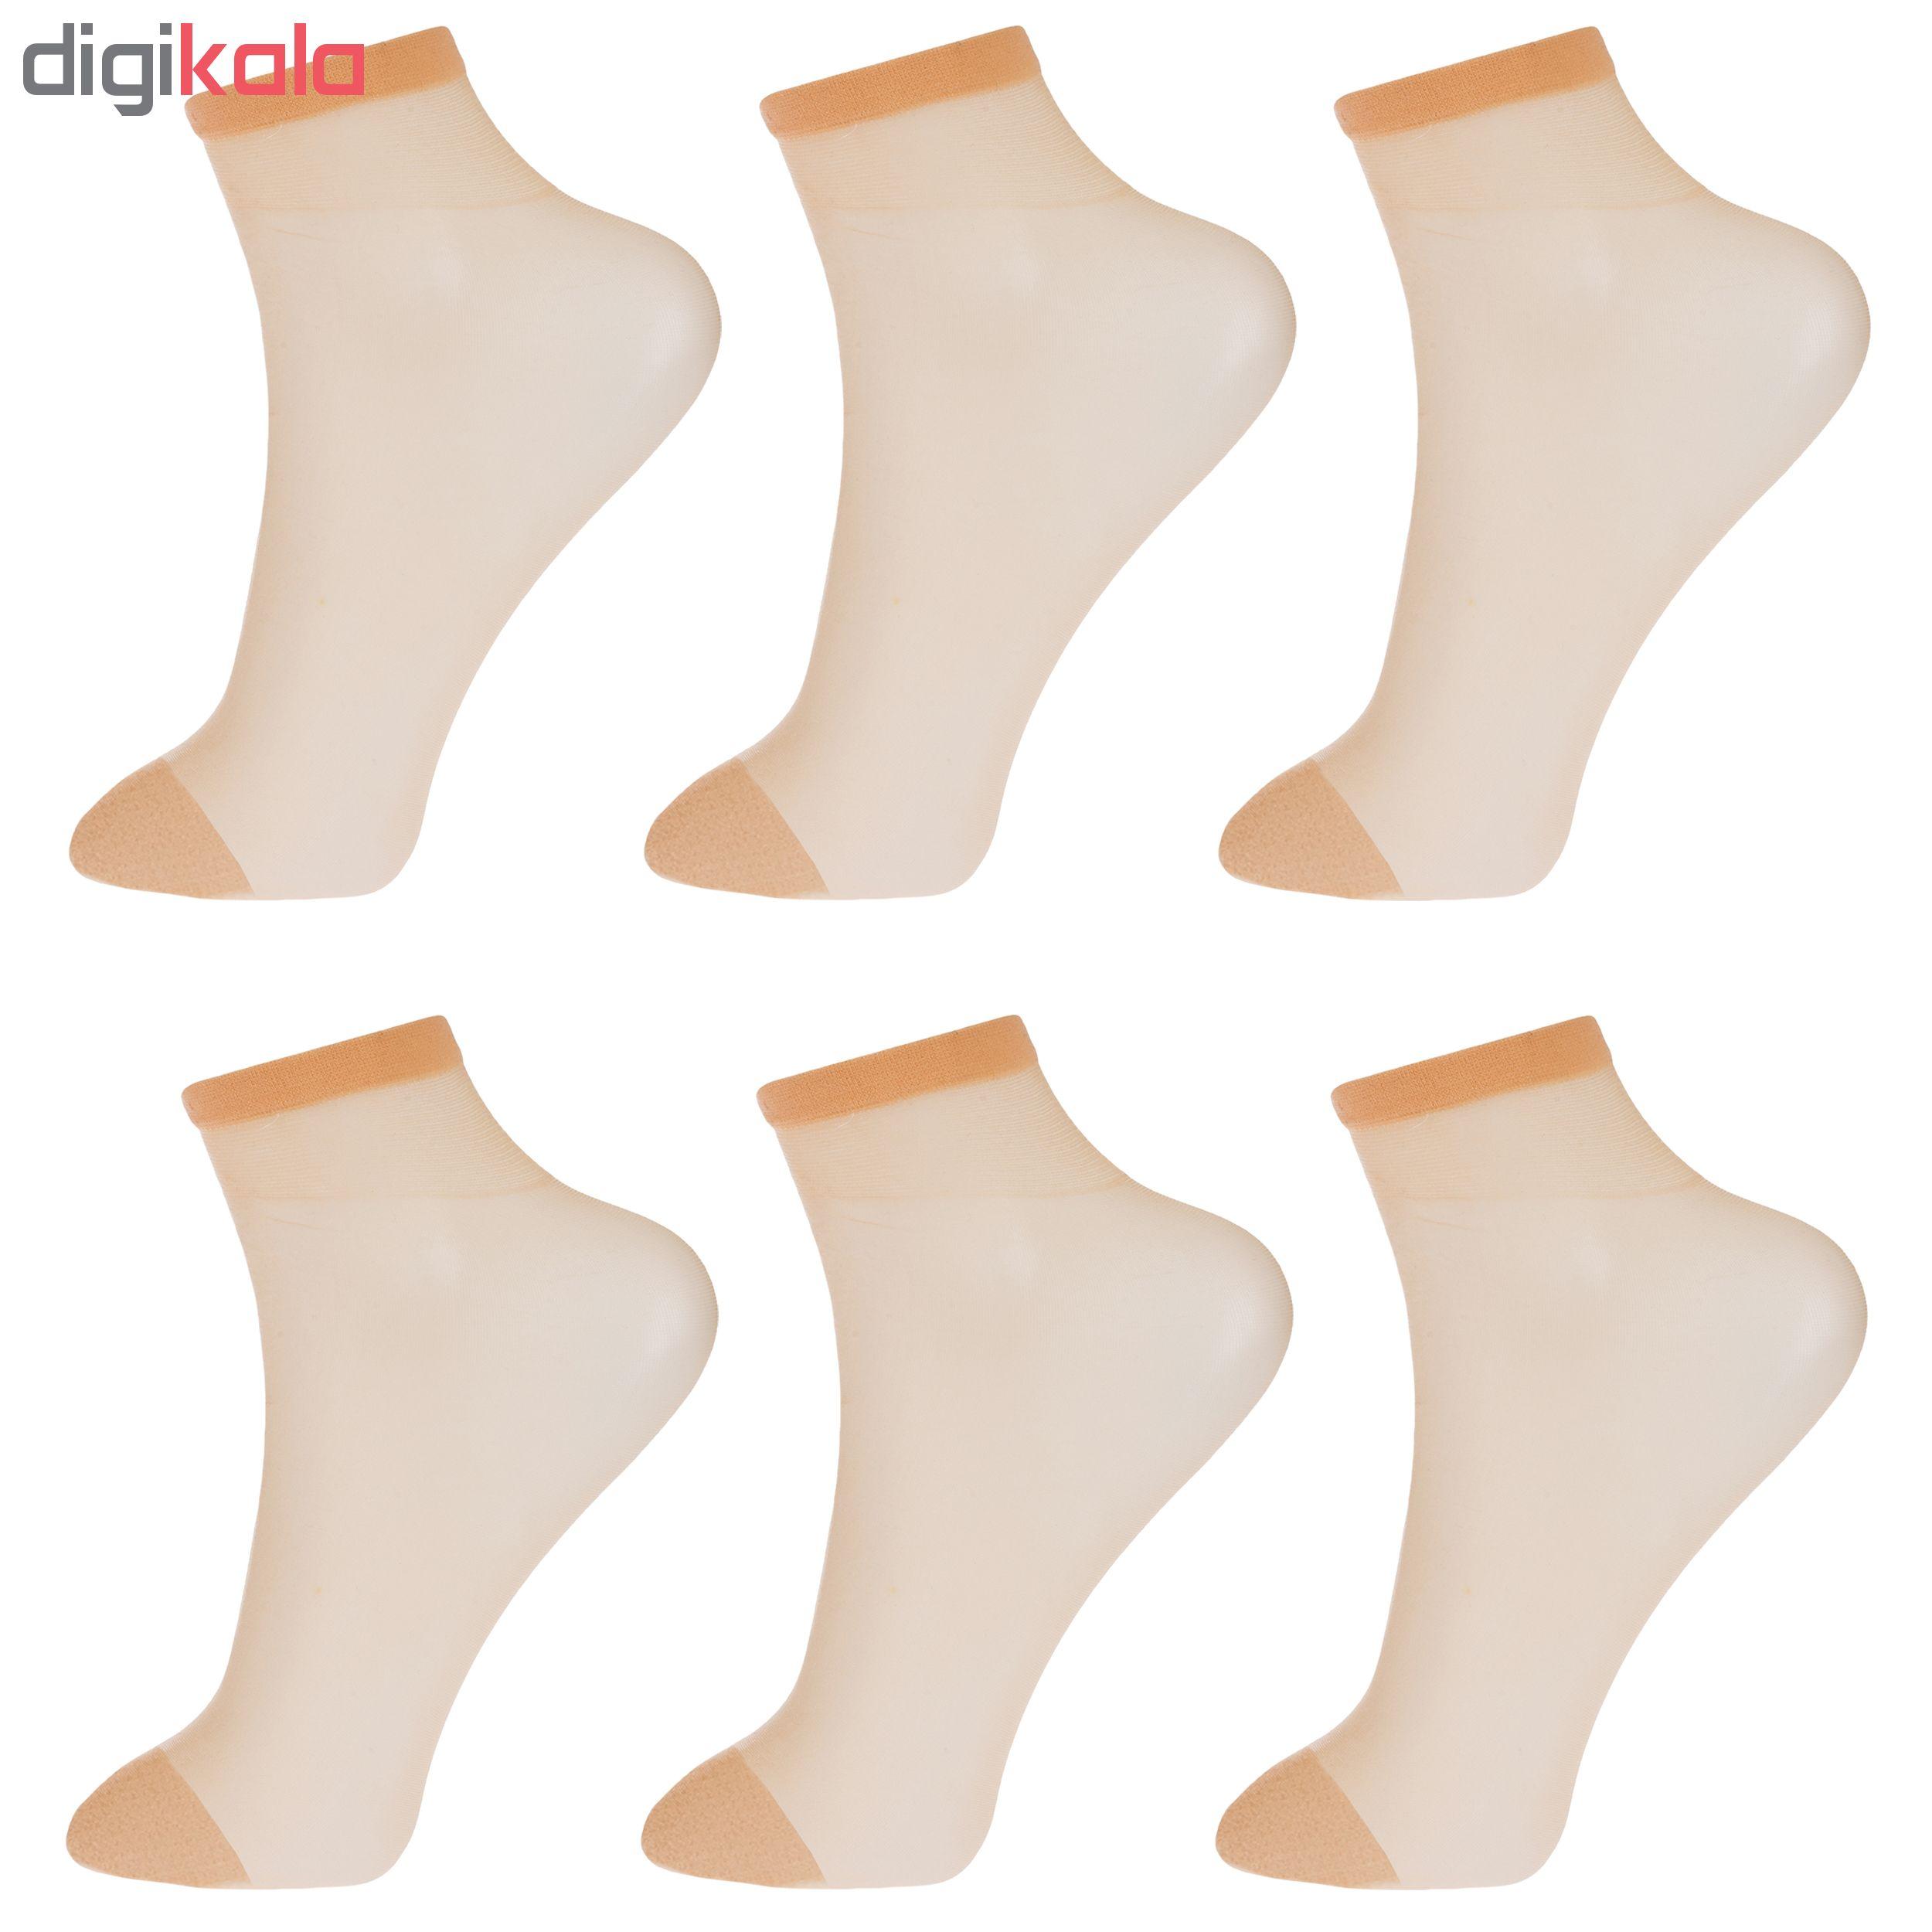 جوراب زنانه پنتی کد RG-PF 15-111 بسته 6 عددی main 1 2